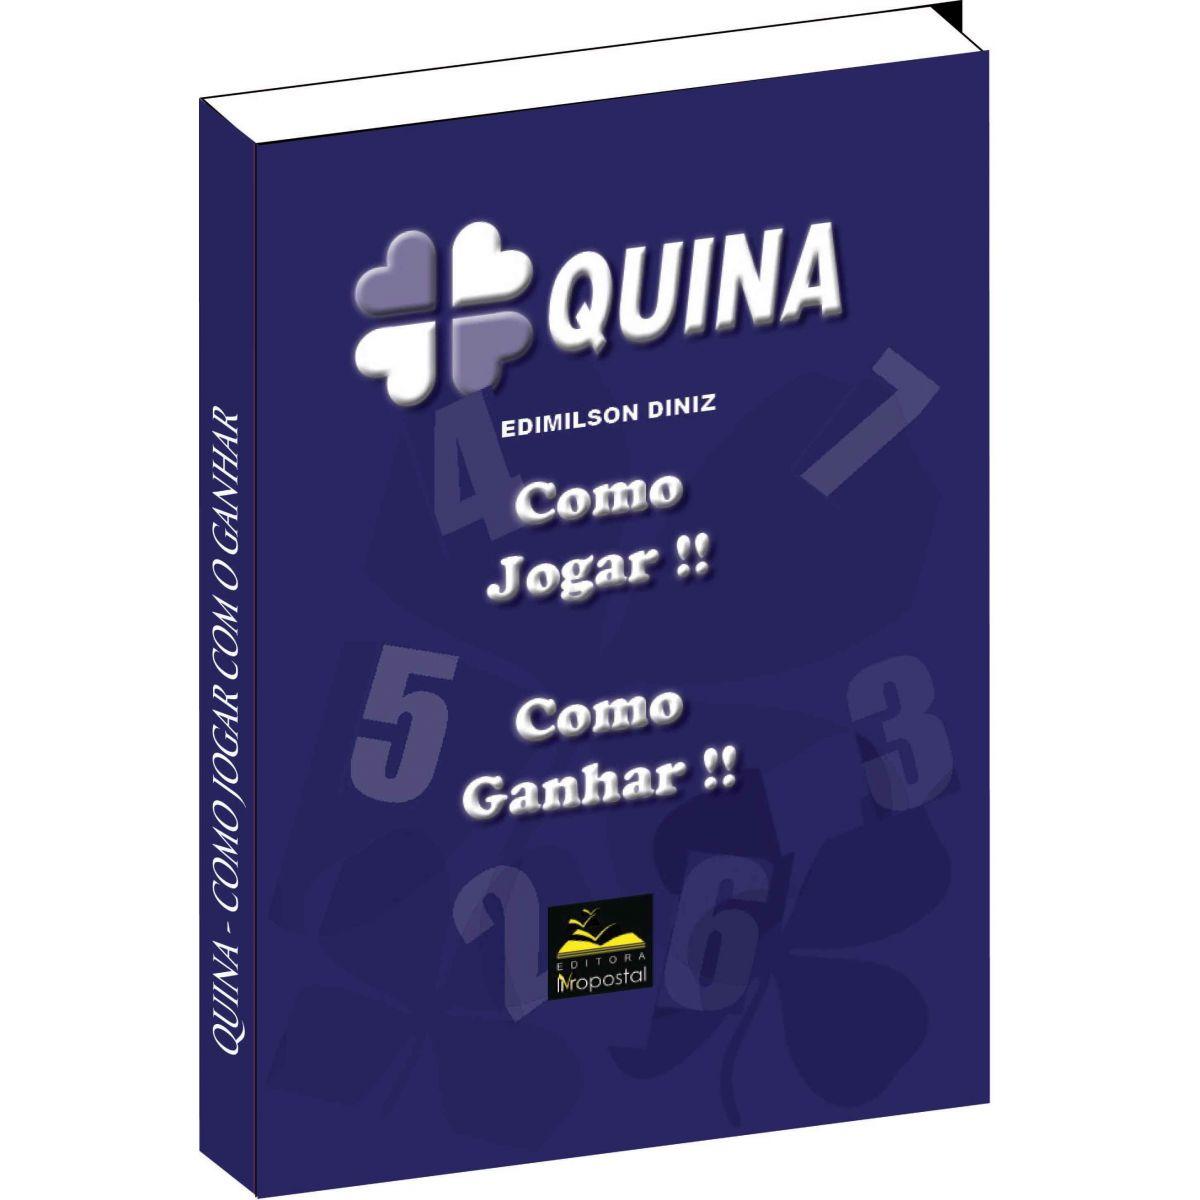 Apostila da Quina  - Livropostal Editora